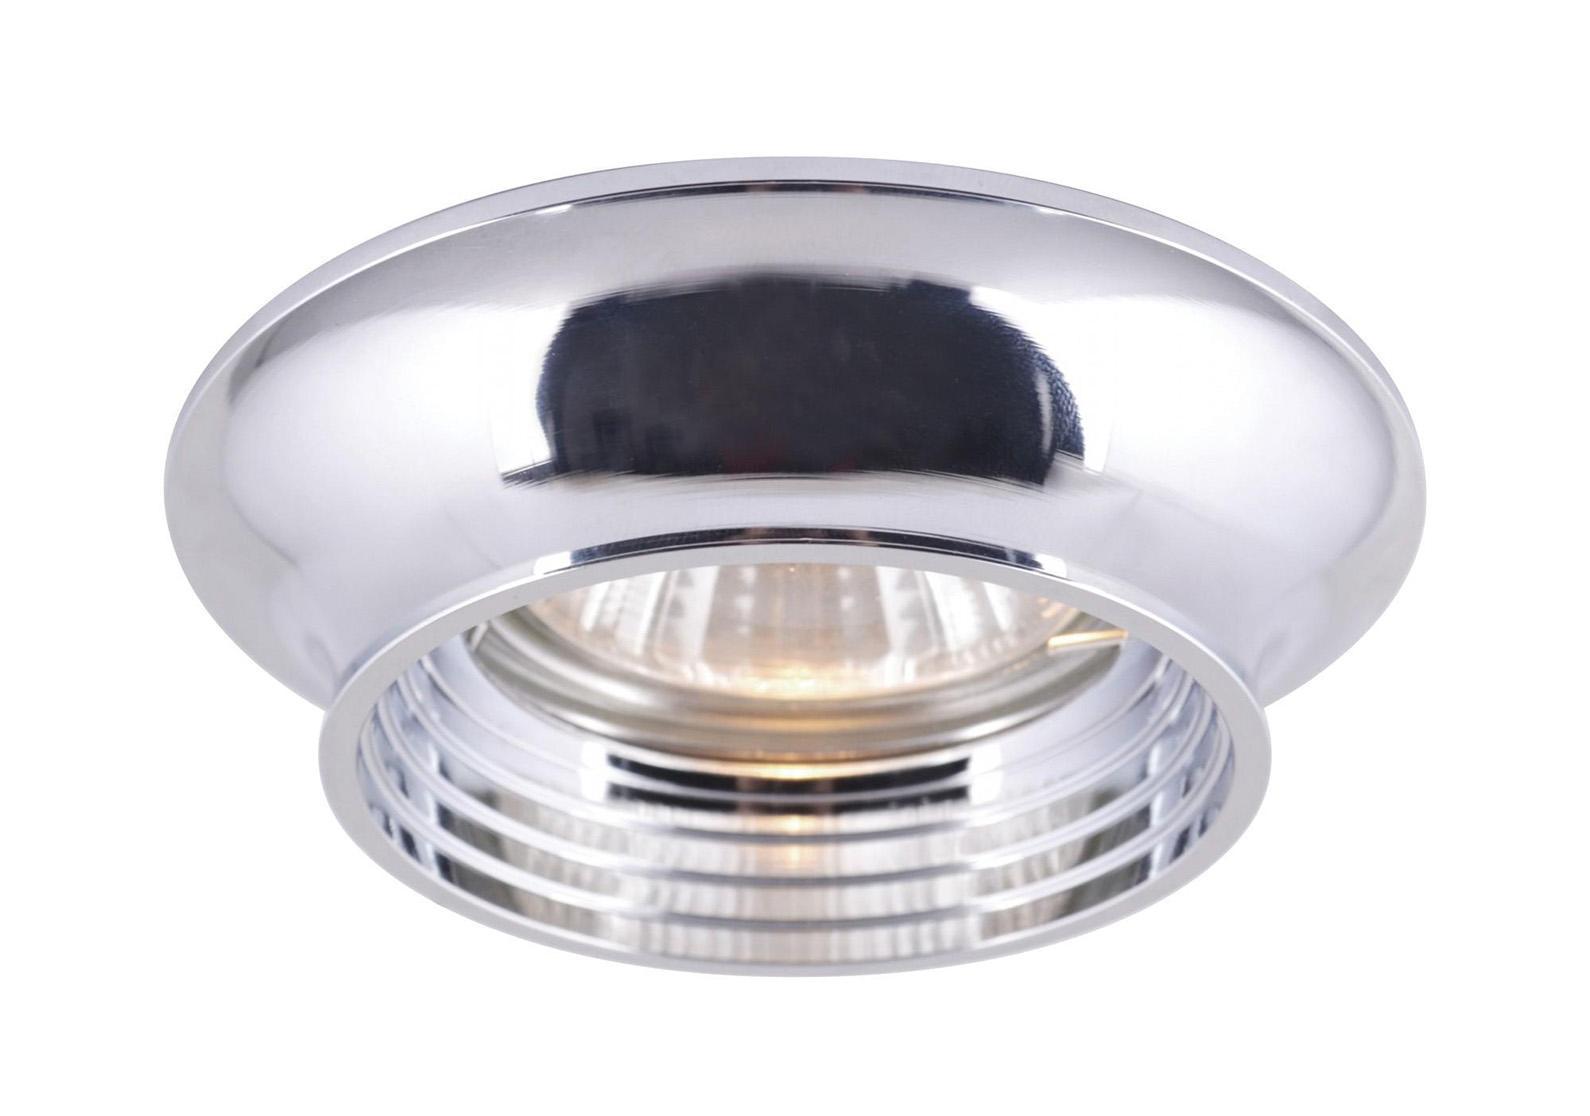 Светильник встраиваемый Arte lamp A1061pl-1cc